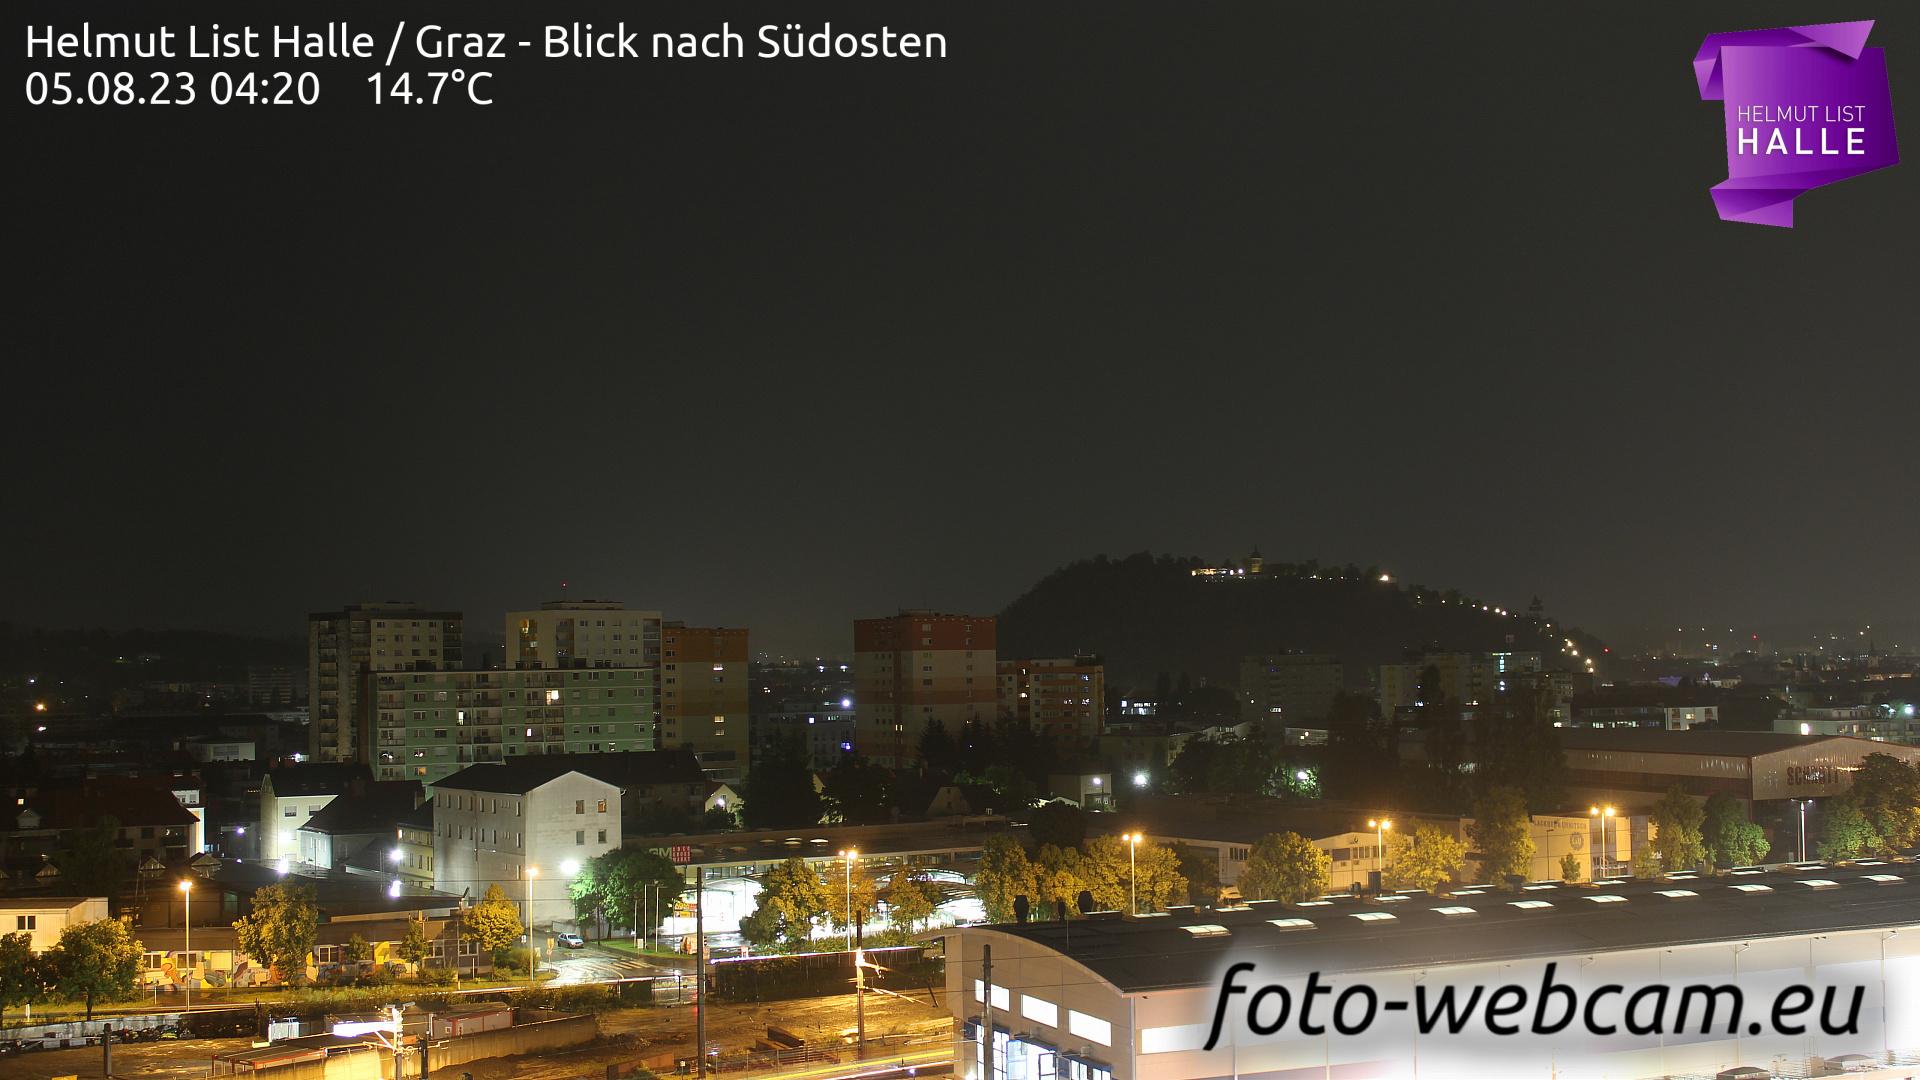 Graz Sun. 04:32